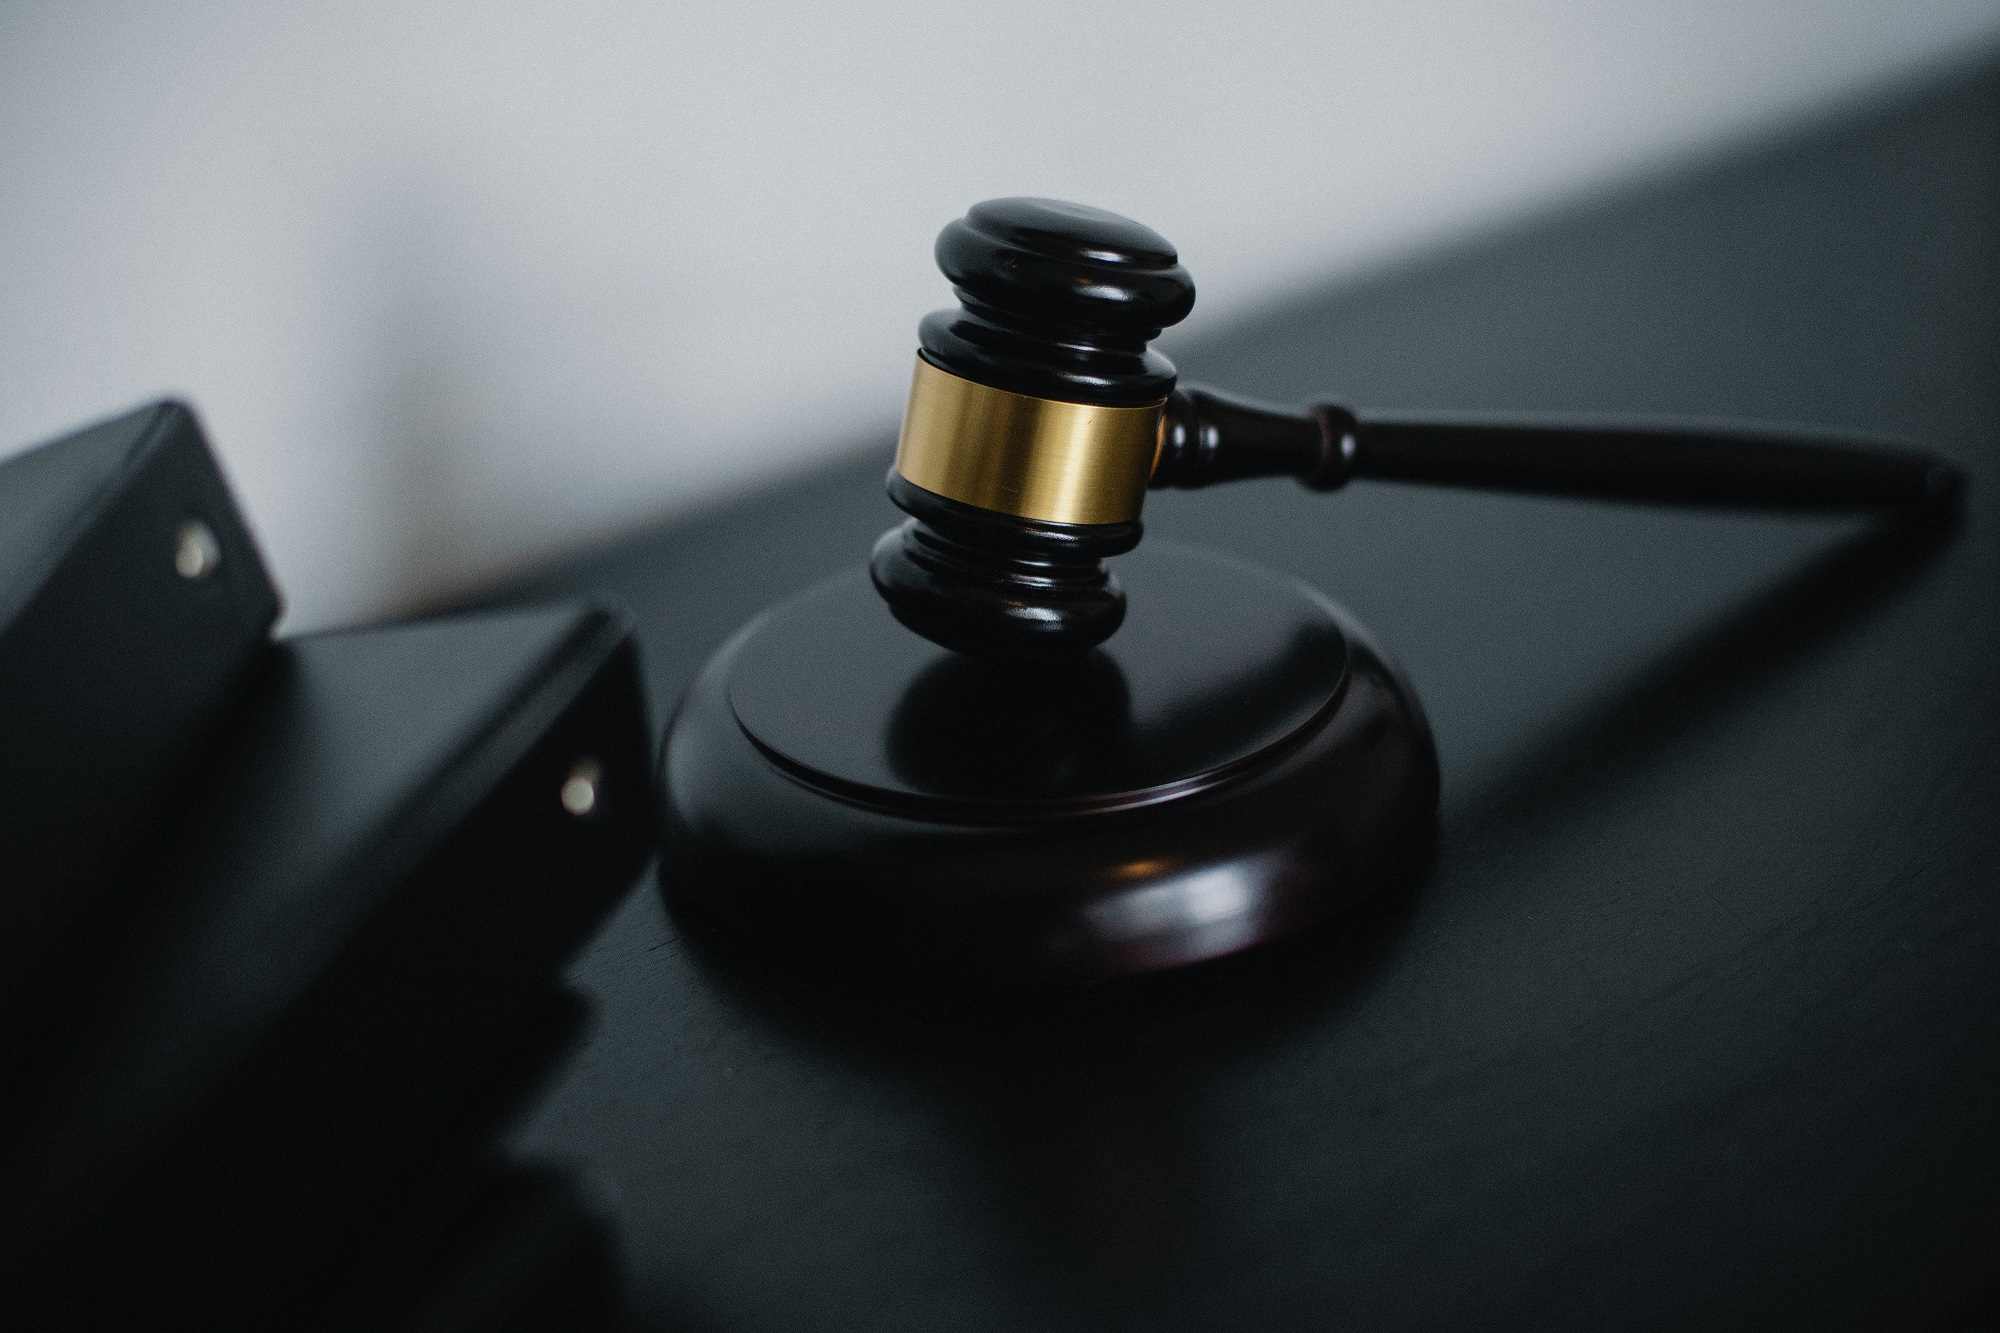 Hof uitspraak over een geschil uit 2014 over de werkingssfeer van een verplichtstellingsbesluit